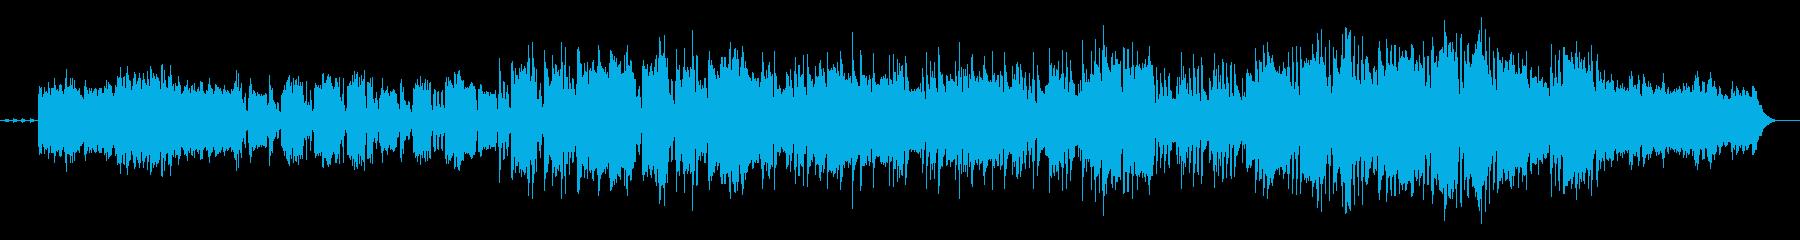 メロディがドラマチックなシンセ曲の再生済みの波形